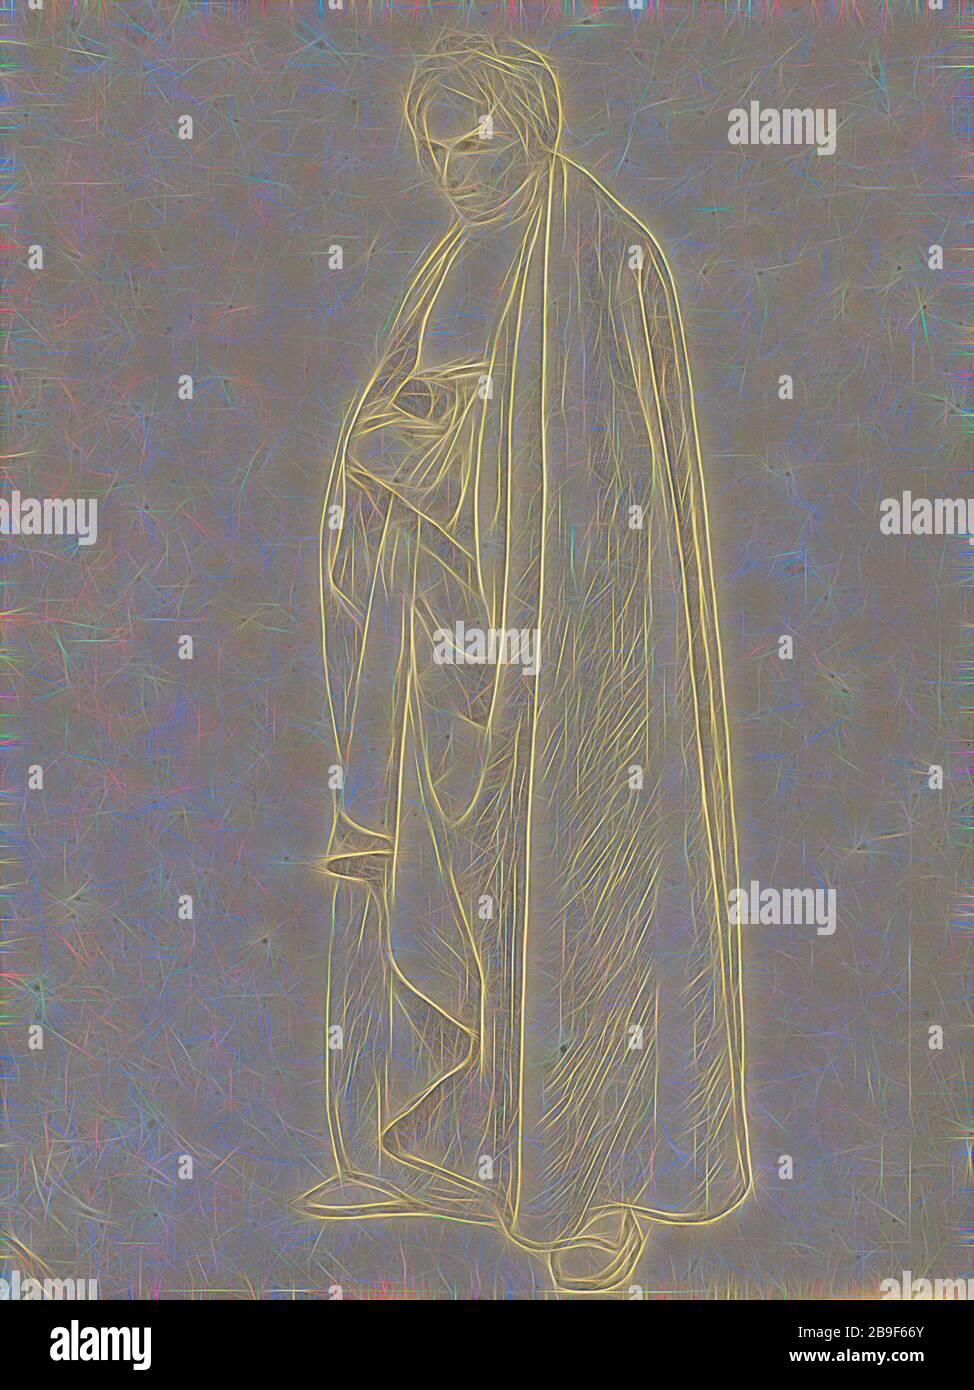 Joseph Wintergerst en una capa de suelo largo, Wilhelm von Schadow (alemán, 1788 - 1862), Italia, alrededor de 1811 - 1813, grafito, 29.5 x 22 cm (11 5,8 x 8 11,16 pulg, Reimaged by Gibon, diseño de cálido y alegre resplandor de brillo y rayos de luz. Arte clásico reinventado con un toque moderno. Fotografía inspirada en el futurismo, abrazando la energía dinámica de la tecnología moderna, el movimiento, la velocidad y la revolución de la cultura. Foto de stock